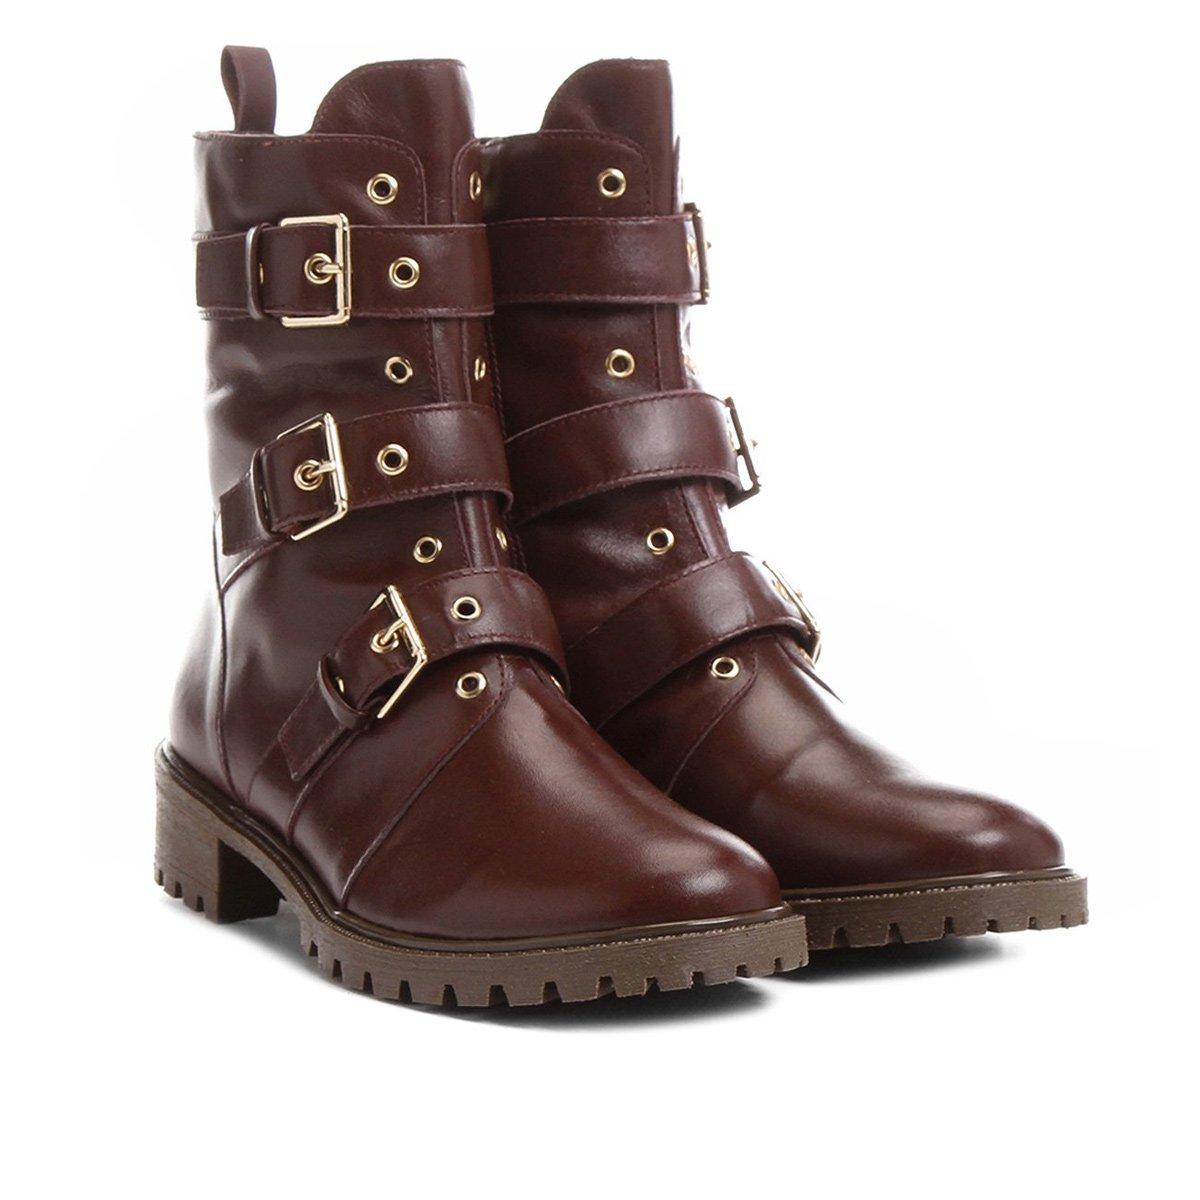 6efaf395fb4 Bota Couro Coturno Shoestock Fivelas Feminina - Compre Agora